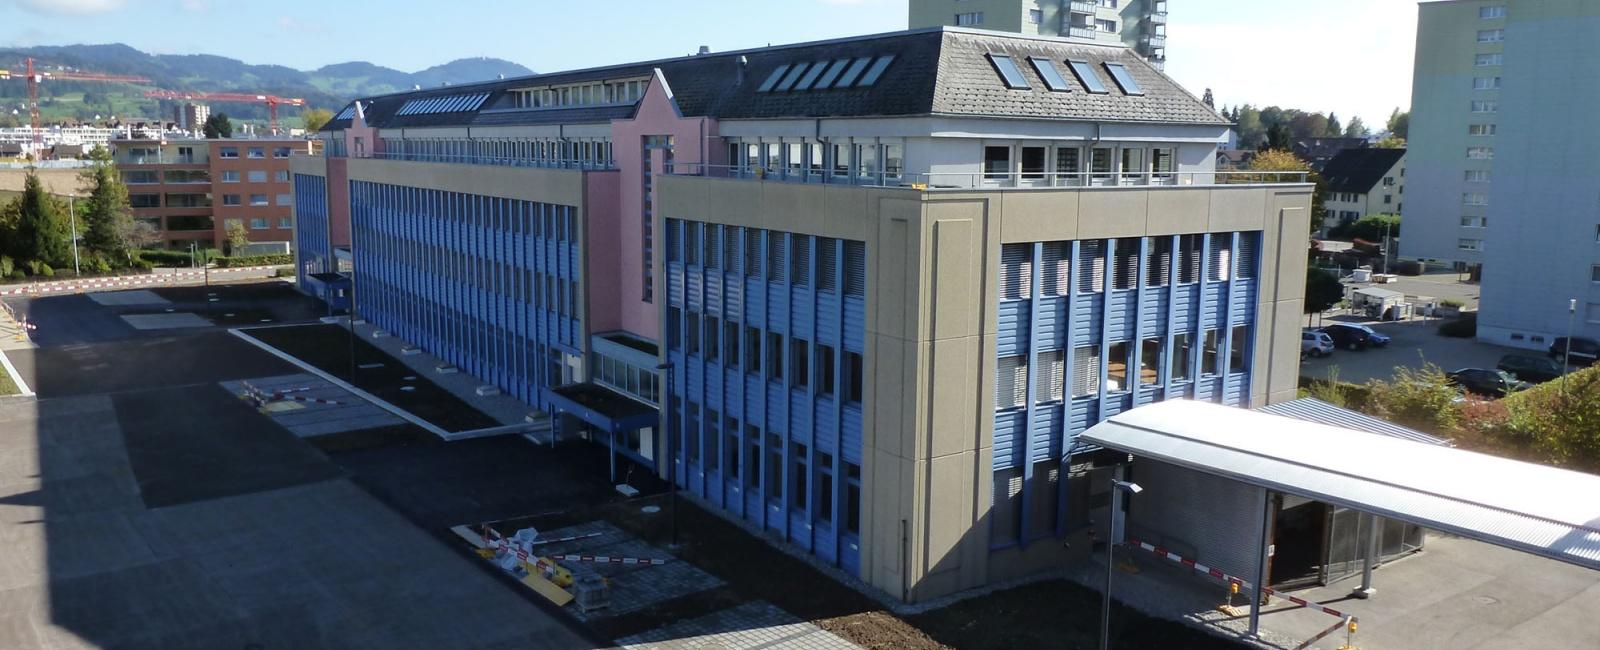 Buchgrindelstrasse 7,8620 Wetzikon,Gebaude,Buchgrindelstrasse,2,1012